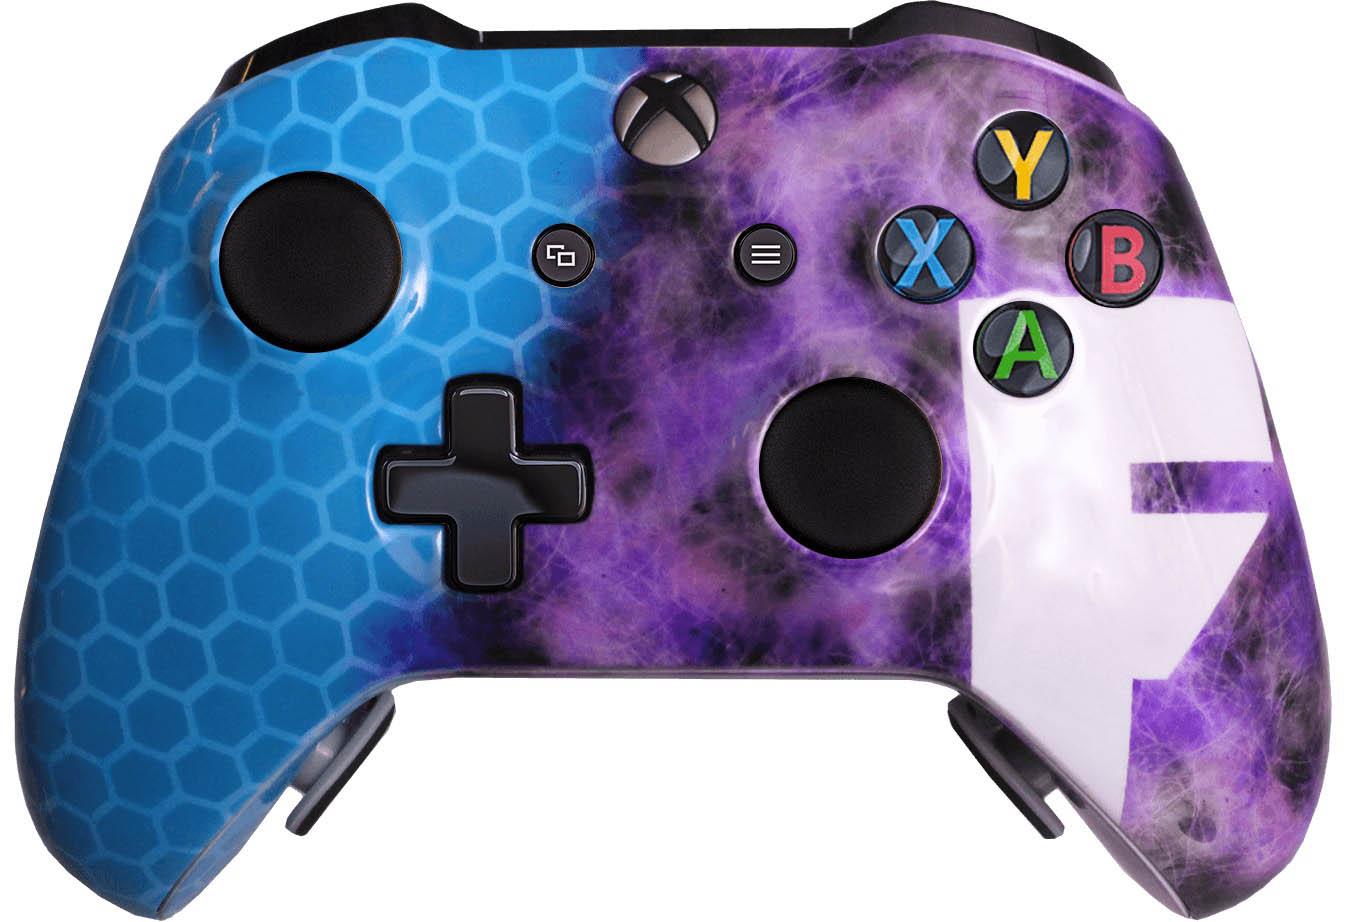 El control de Fortnite para Xbox One de Evil Controllers.